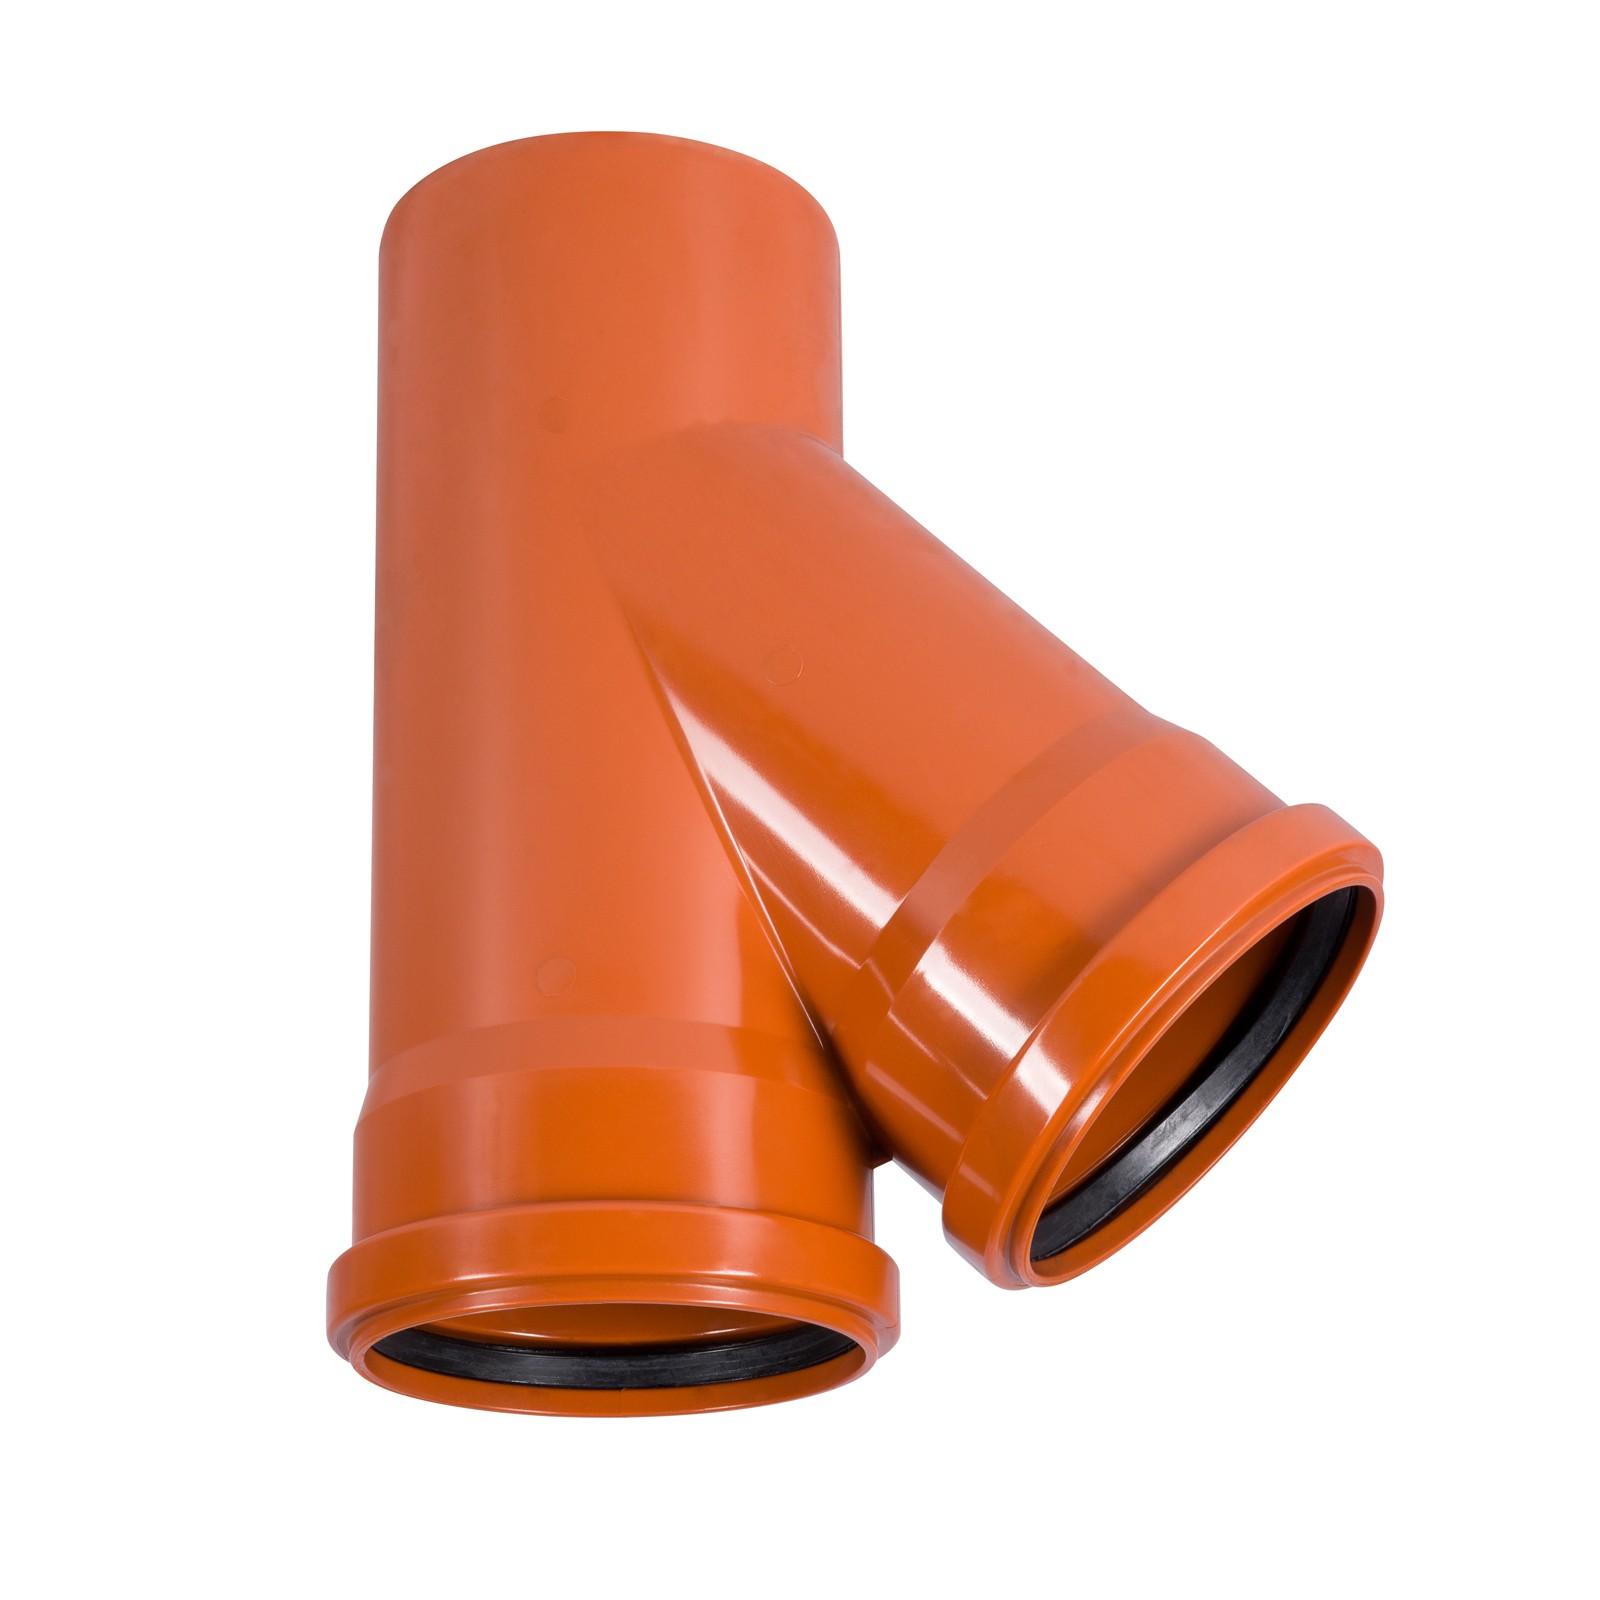 kg abzweig dn160 160 45 abwasserrohr kanalrohr orange. Black Bedroom Furniture Sets. Home Design Ideas